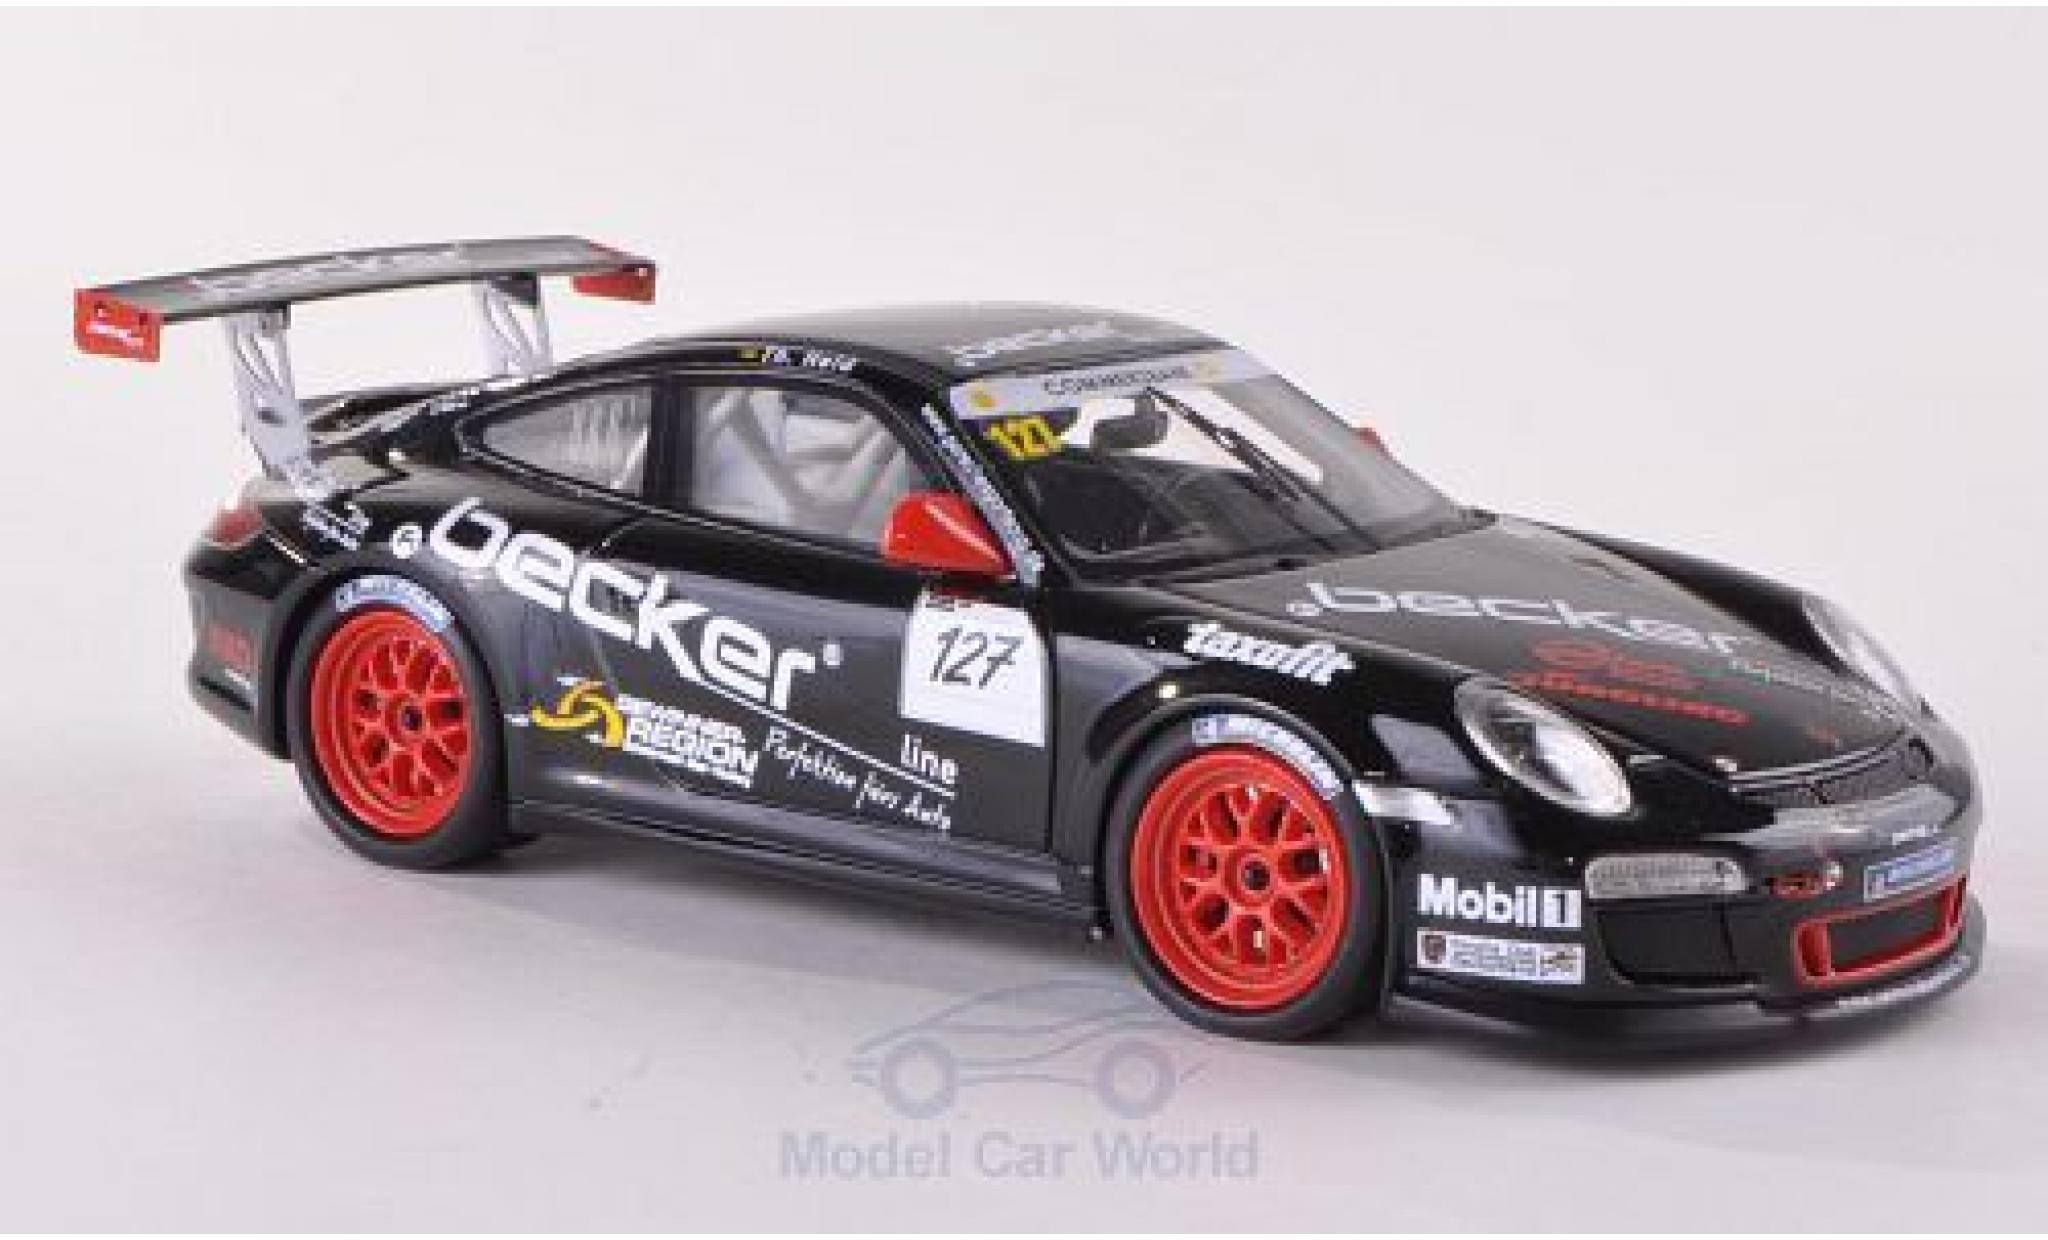 Porsche 997 GT3 CUP 1/43 Schuco ProR 911  GT3 Cup No.127 MS Racing Becker Cup Th.Held